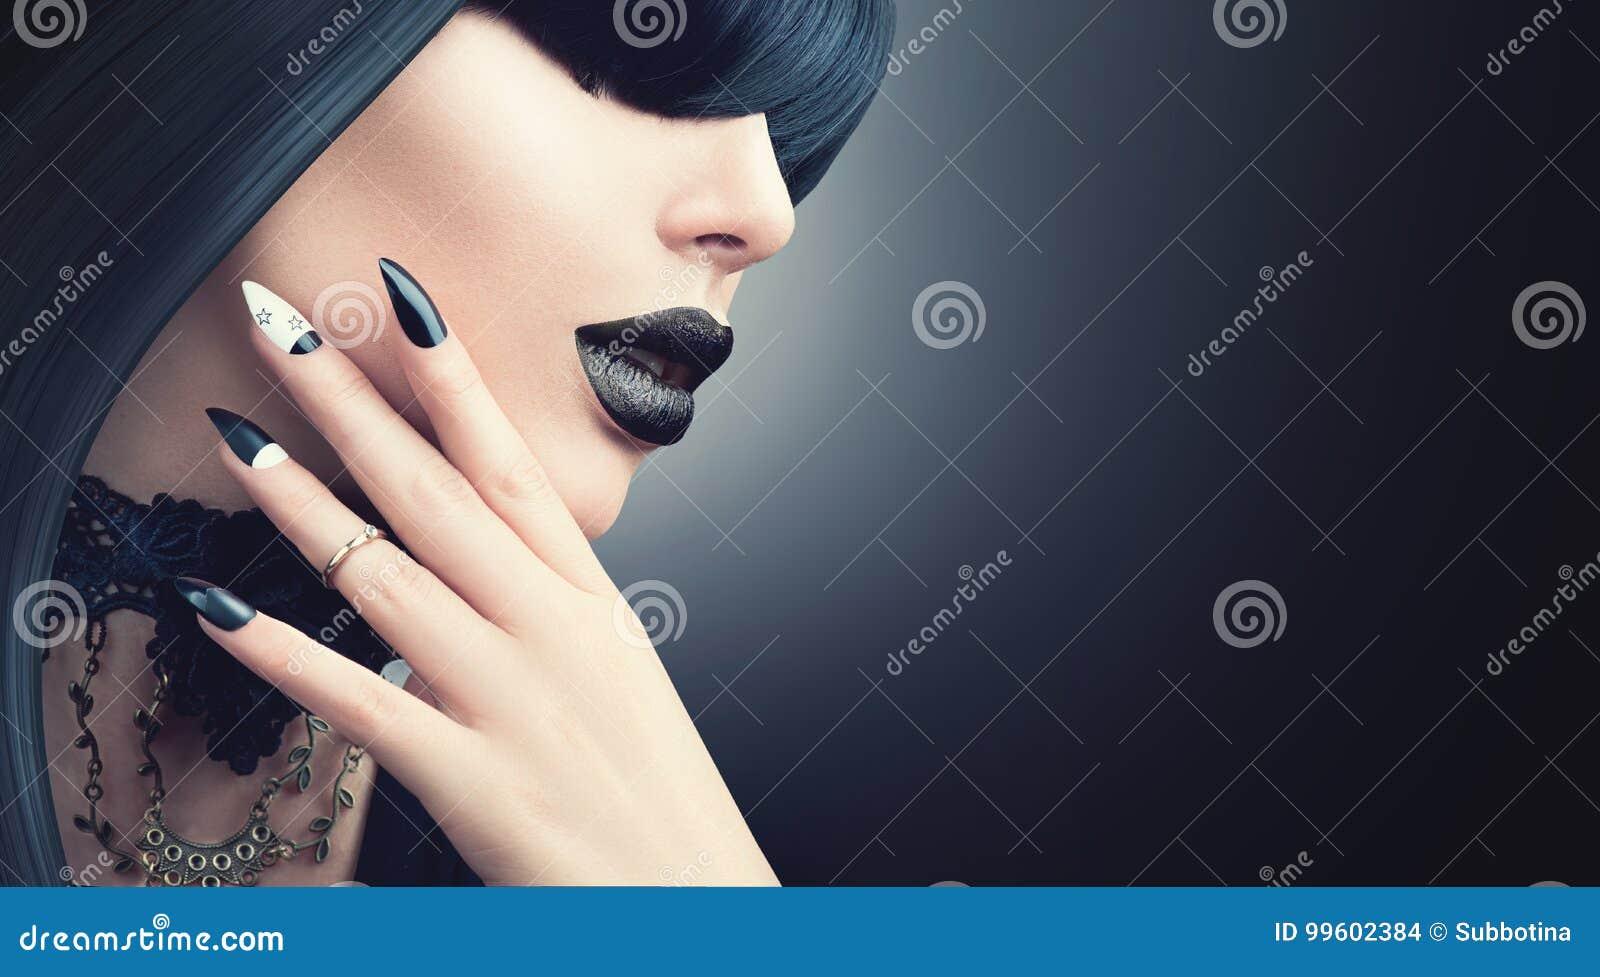 Façonnez à Halloween la fille modèle avec la coiffure, le maquillage et la manucure noirs gothiques